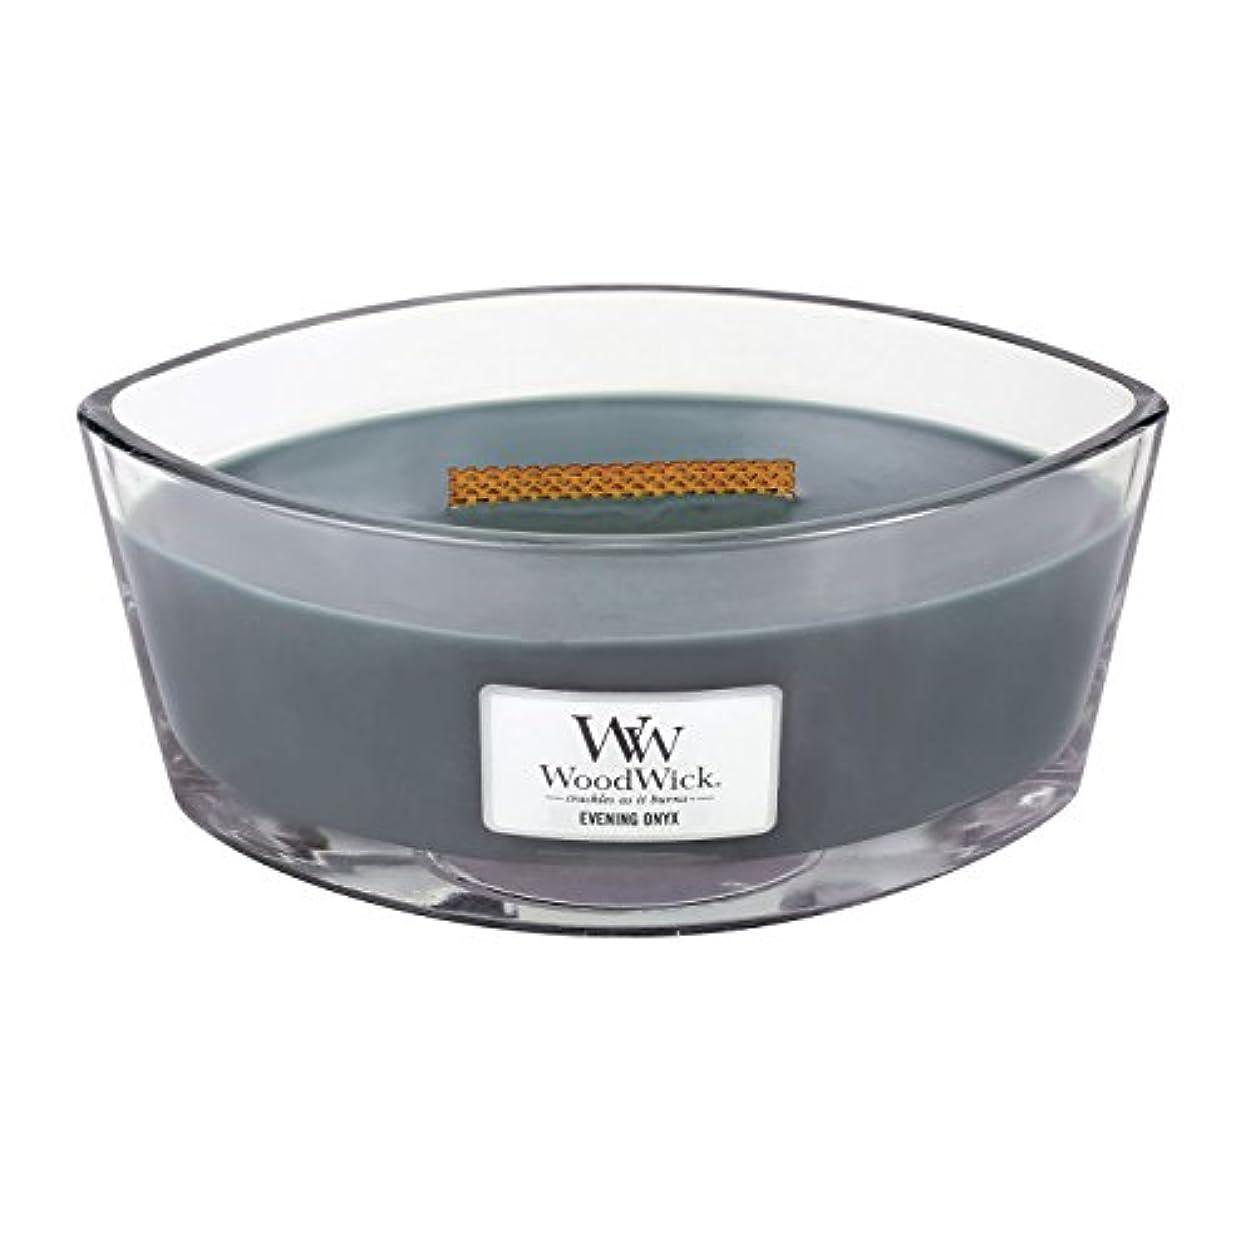 熱心な建築家リゾートWoodWick EVENING ONYX, Highly Scented Candle, Ellipse Glass Jar with Original HearthWick Flame, Large 18cm, 470ml